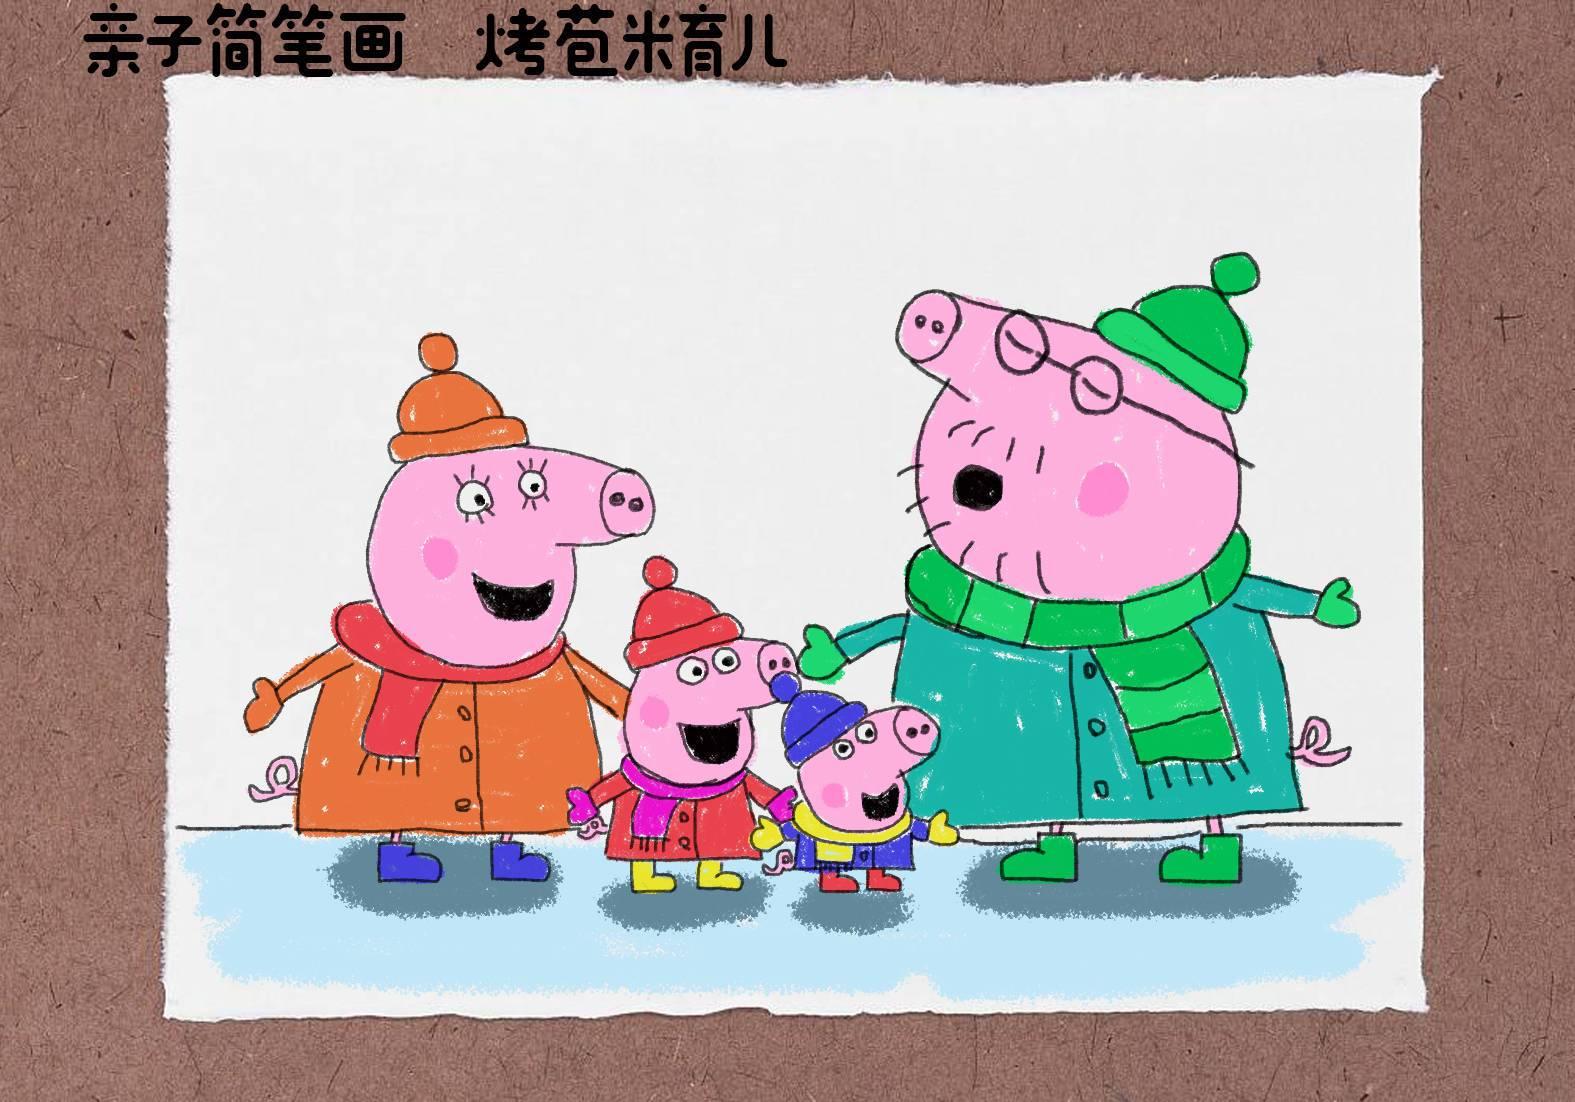 亲子简笔画-小猪佩奇之下雪了!图片